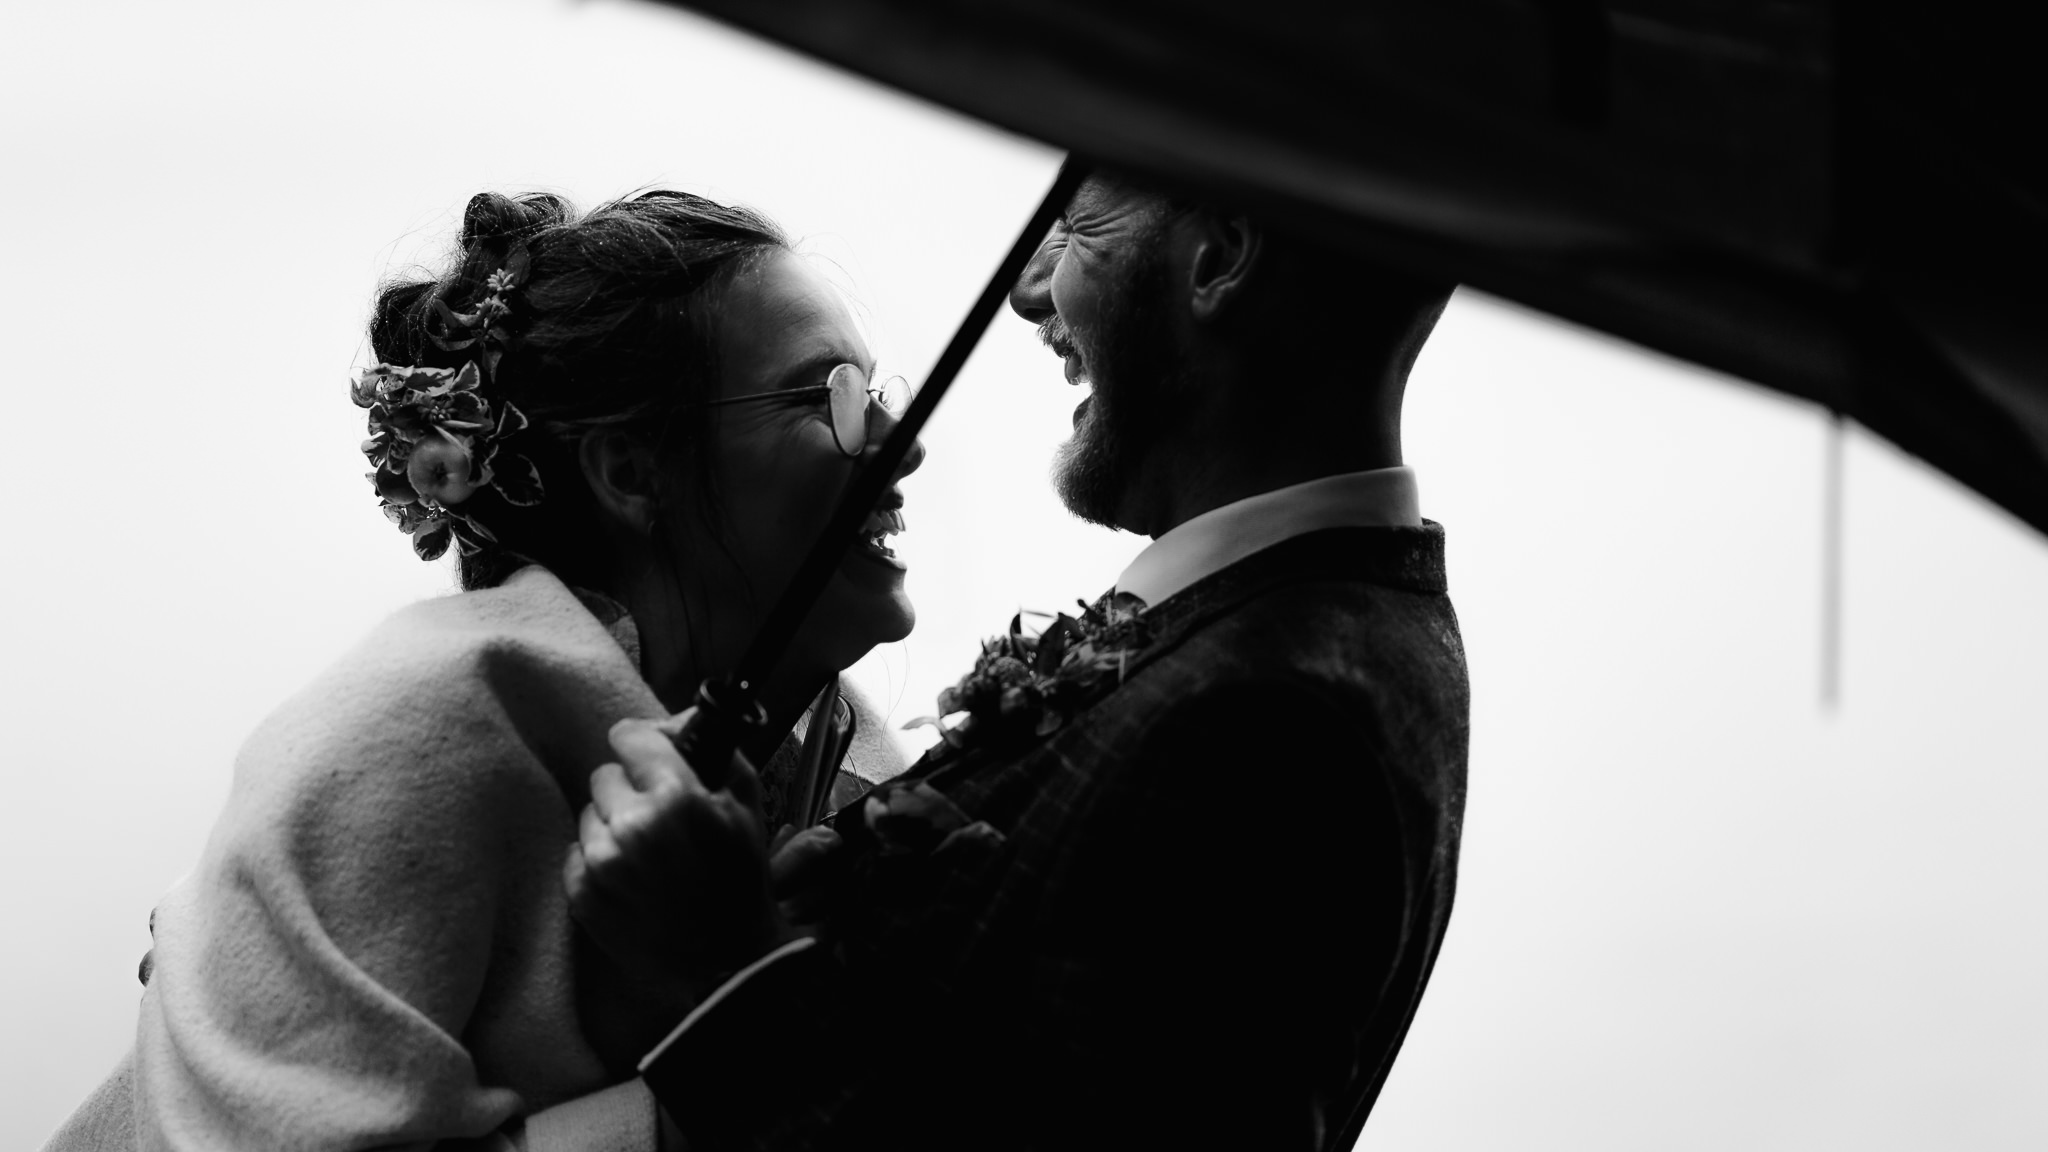 Pumphouse_Point_wedding_photography_elopement624.JPG